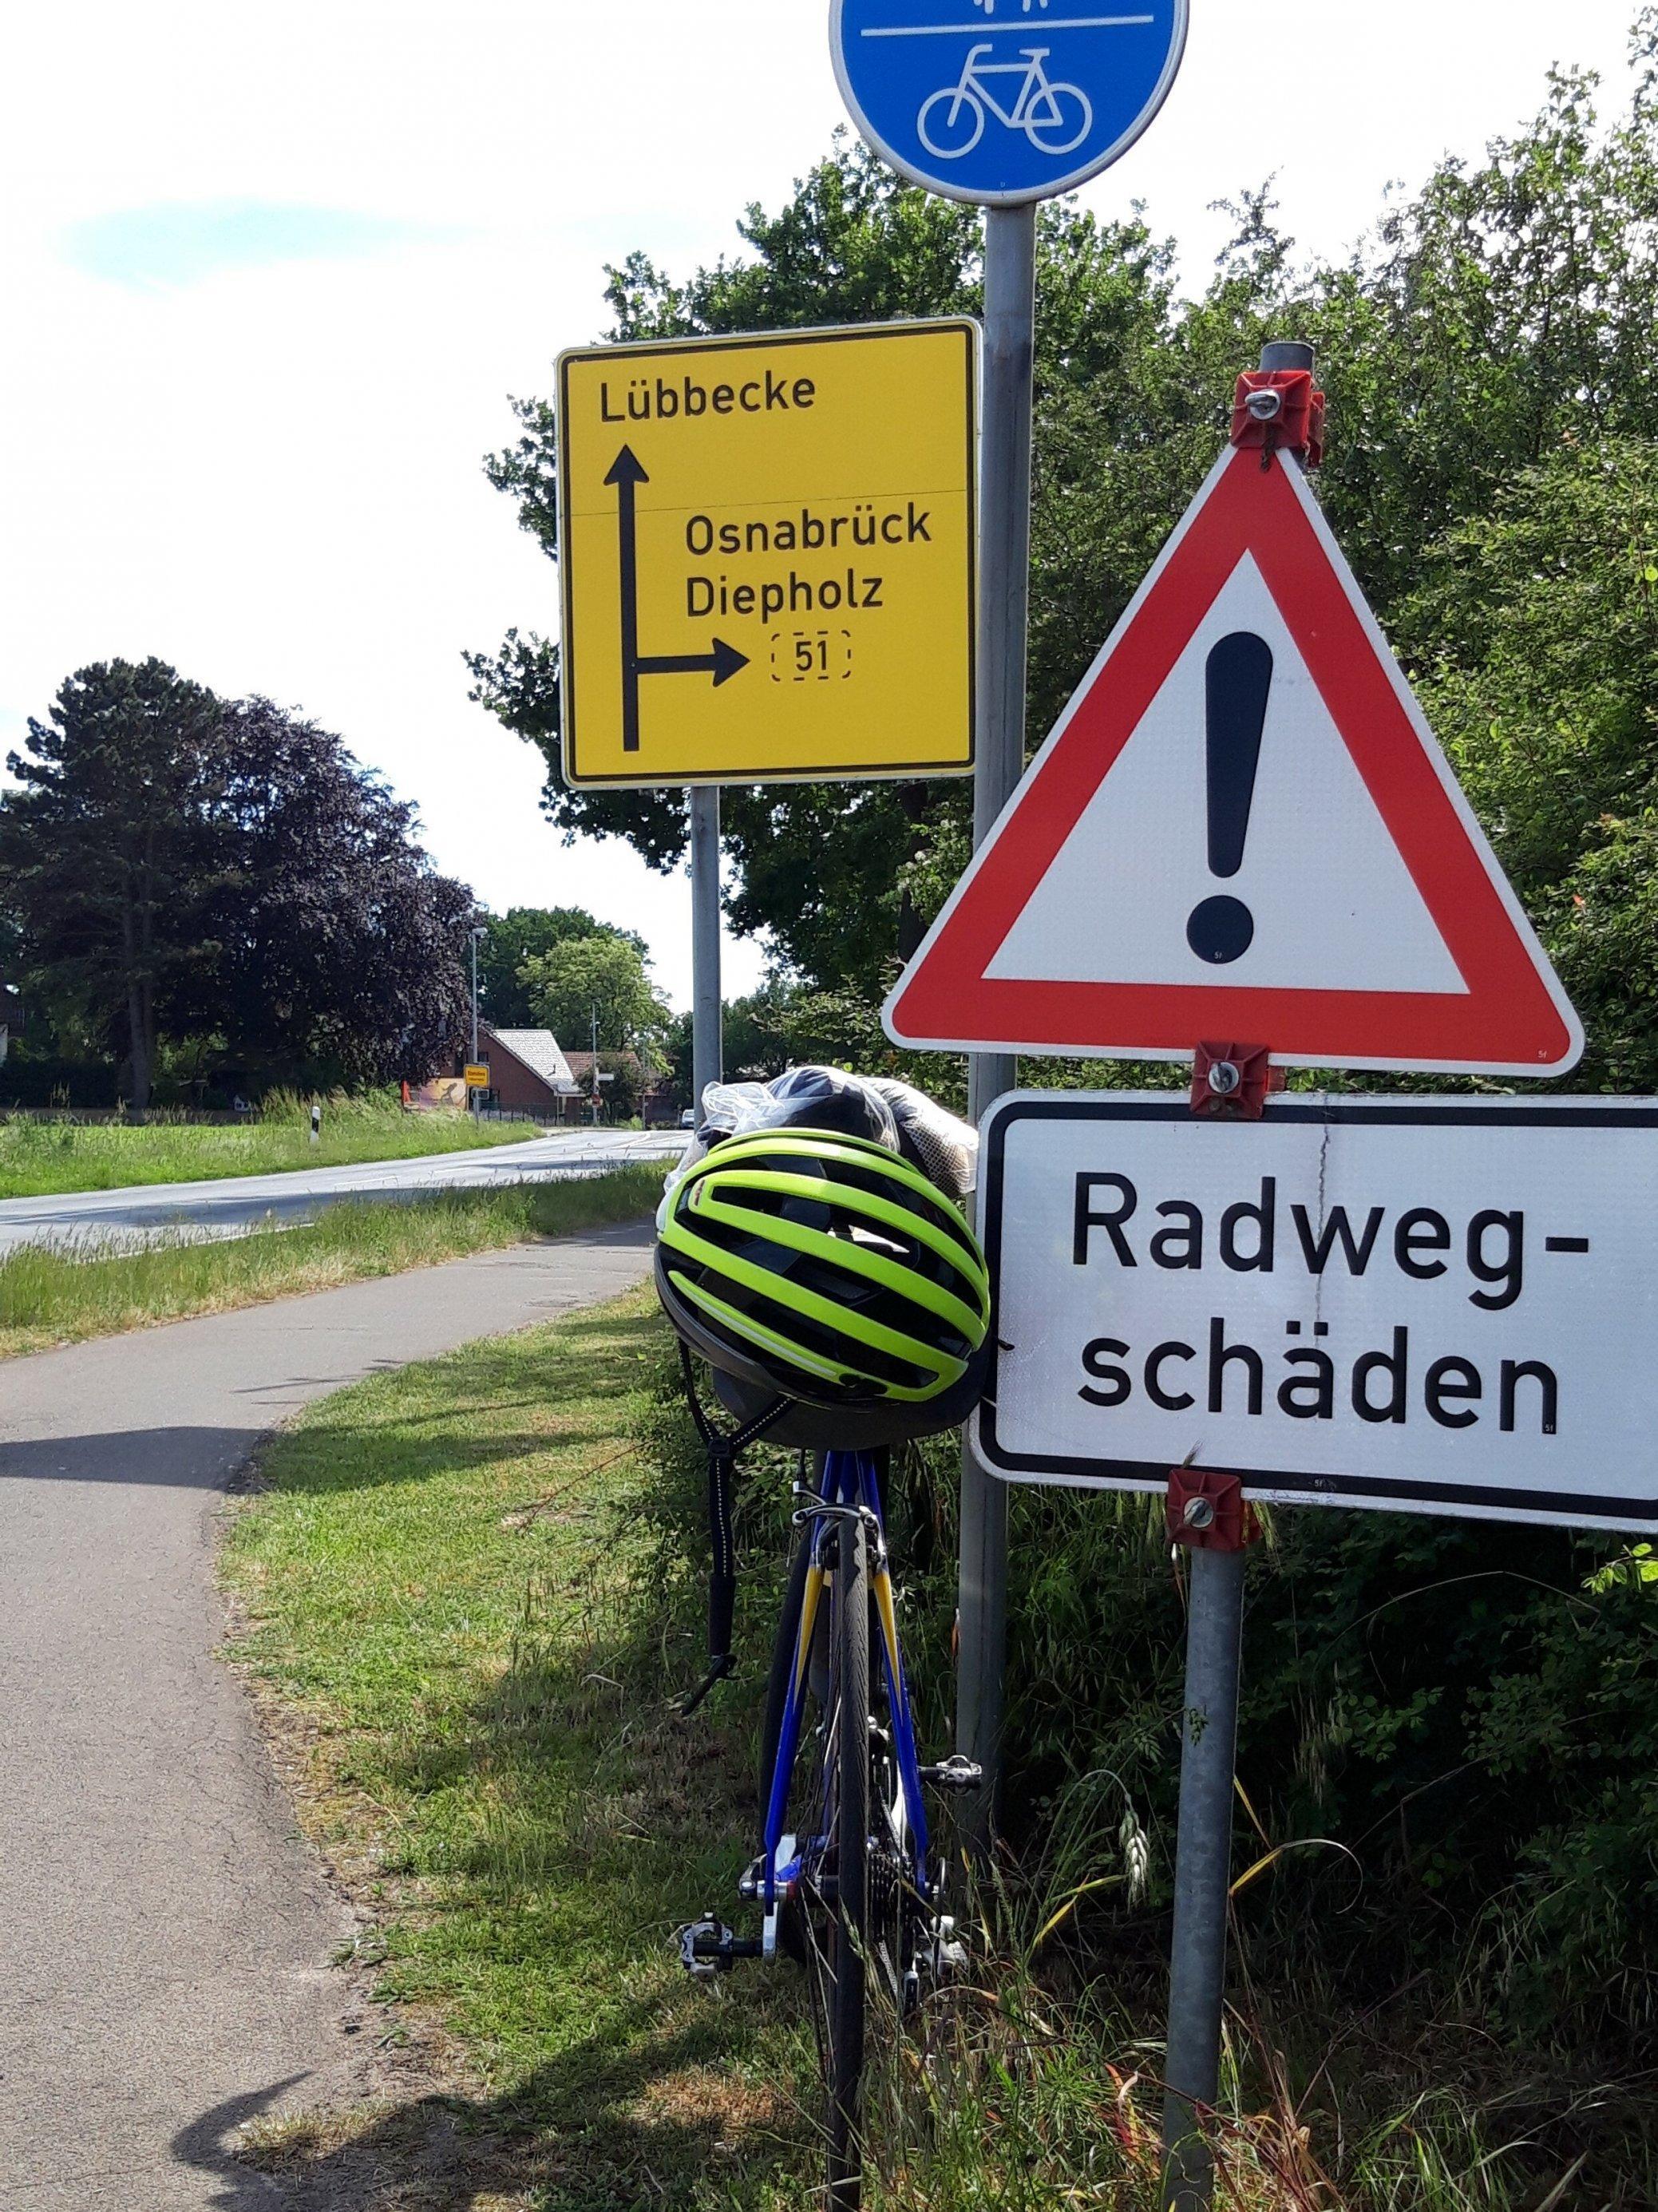 """Das Vehikel des RadelndenReporters lehnt an einem Warnschild mit der Aufschrift """"Radweg-Schäden""""."""